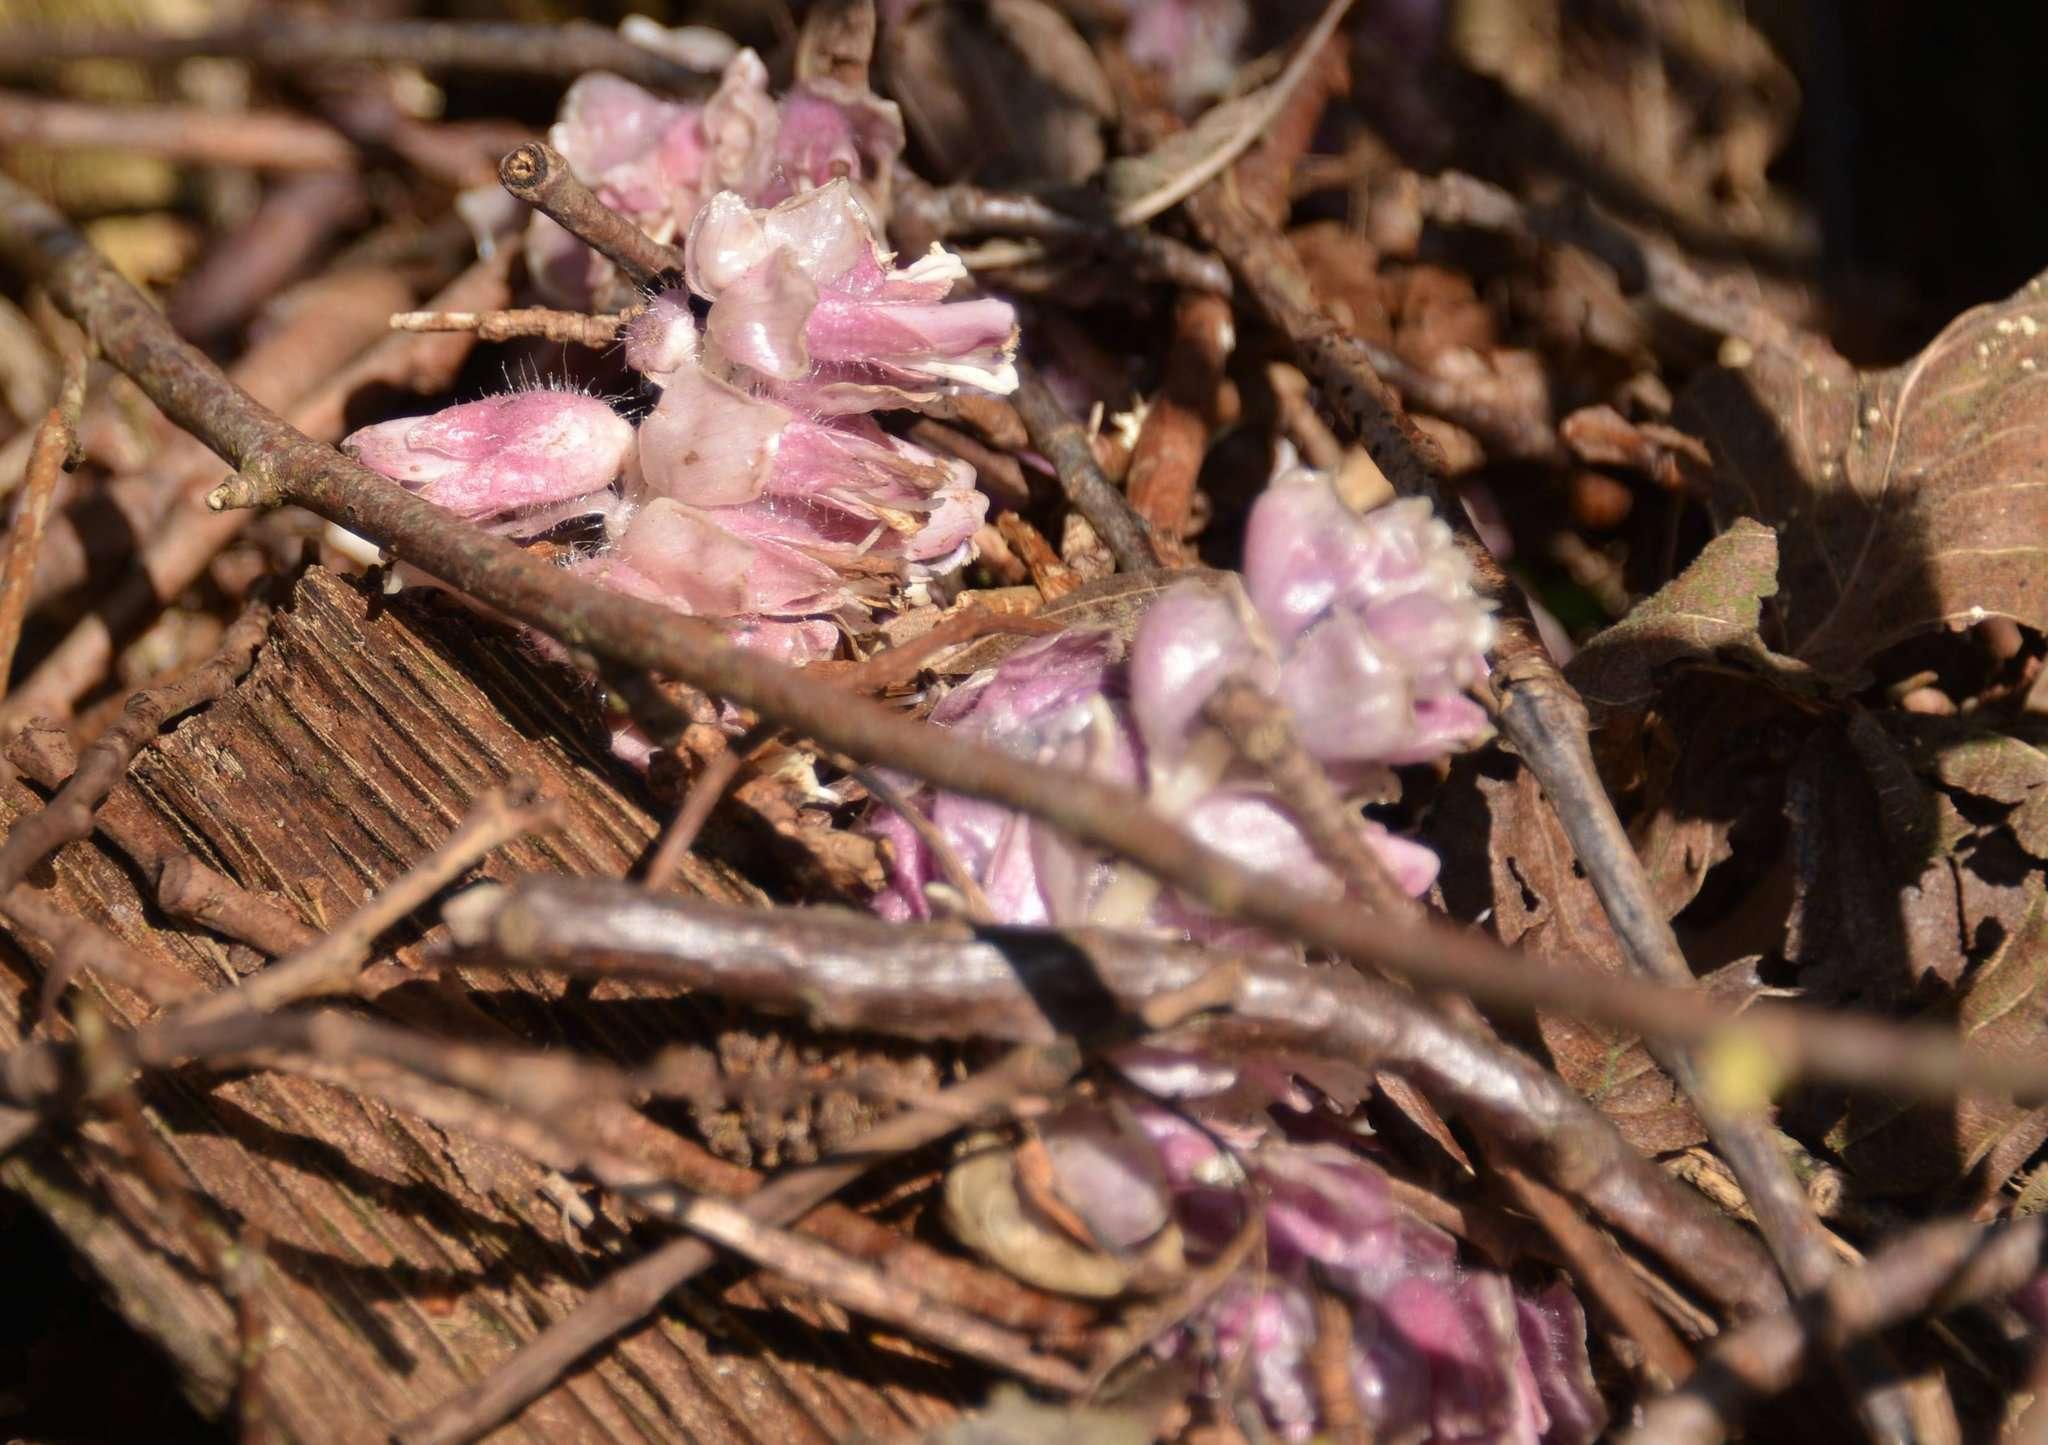 Der Gewöhnliche Schuppenwurz ist eine ungewöhnliche Pflanze.